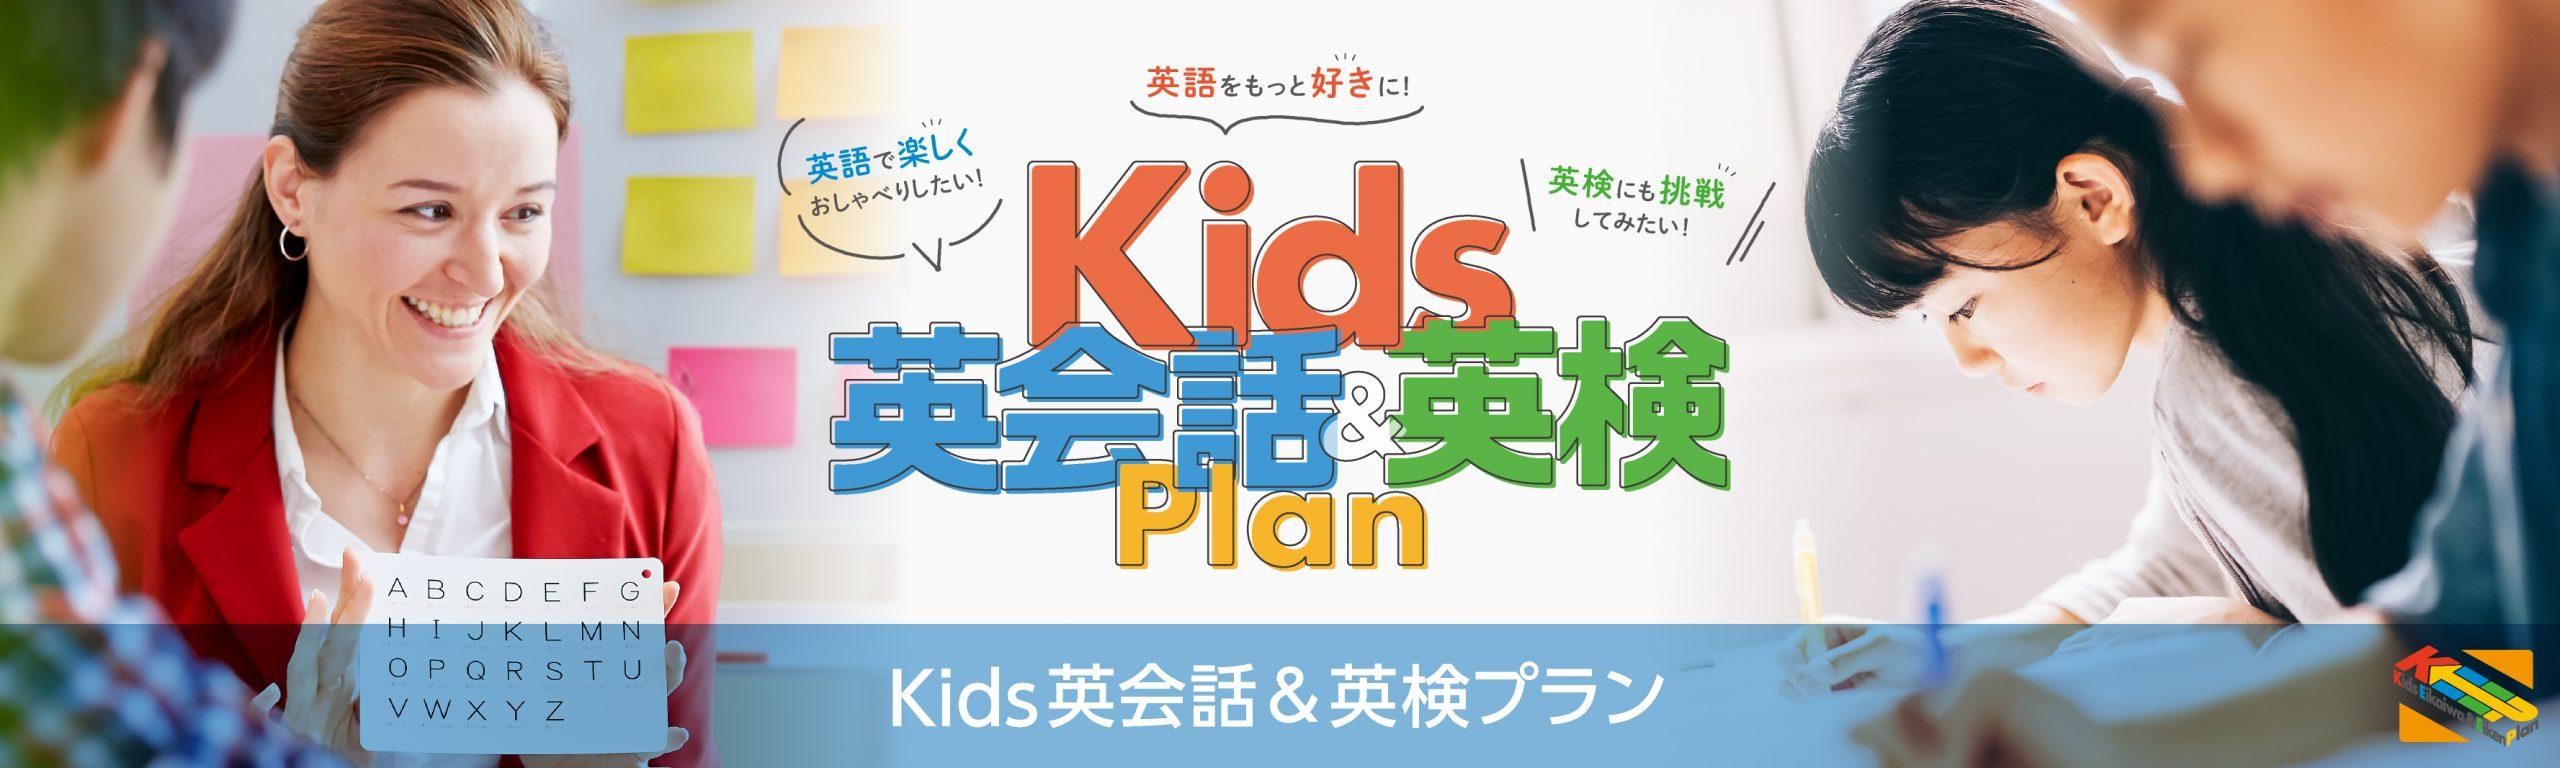 Kids英会話&英検プラン